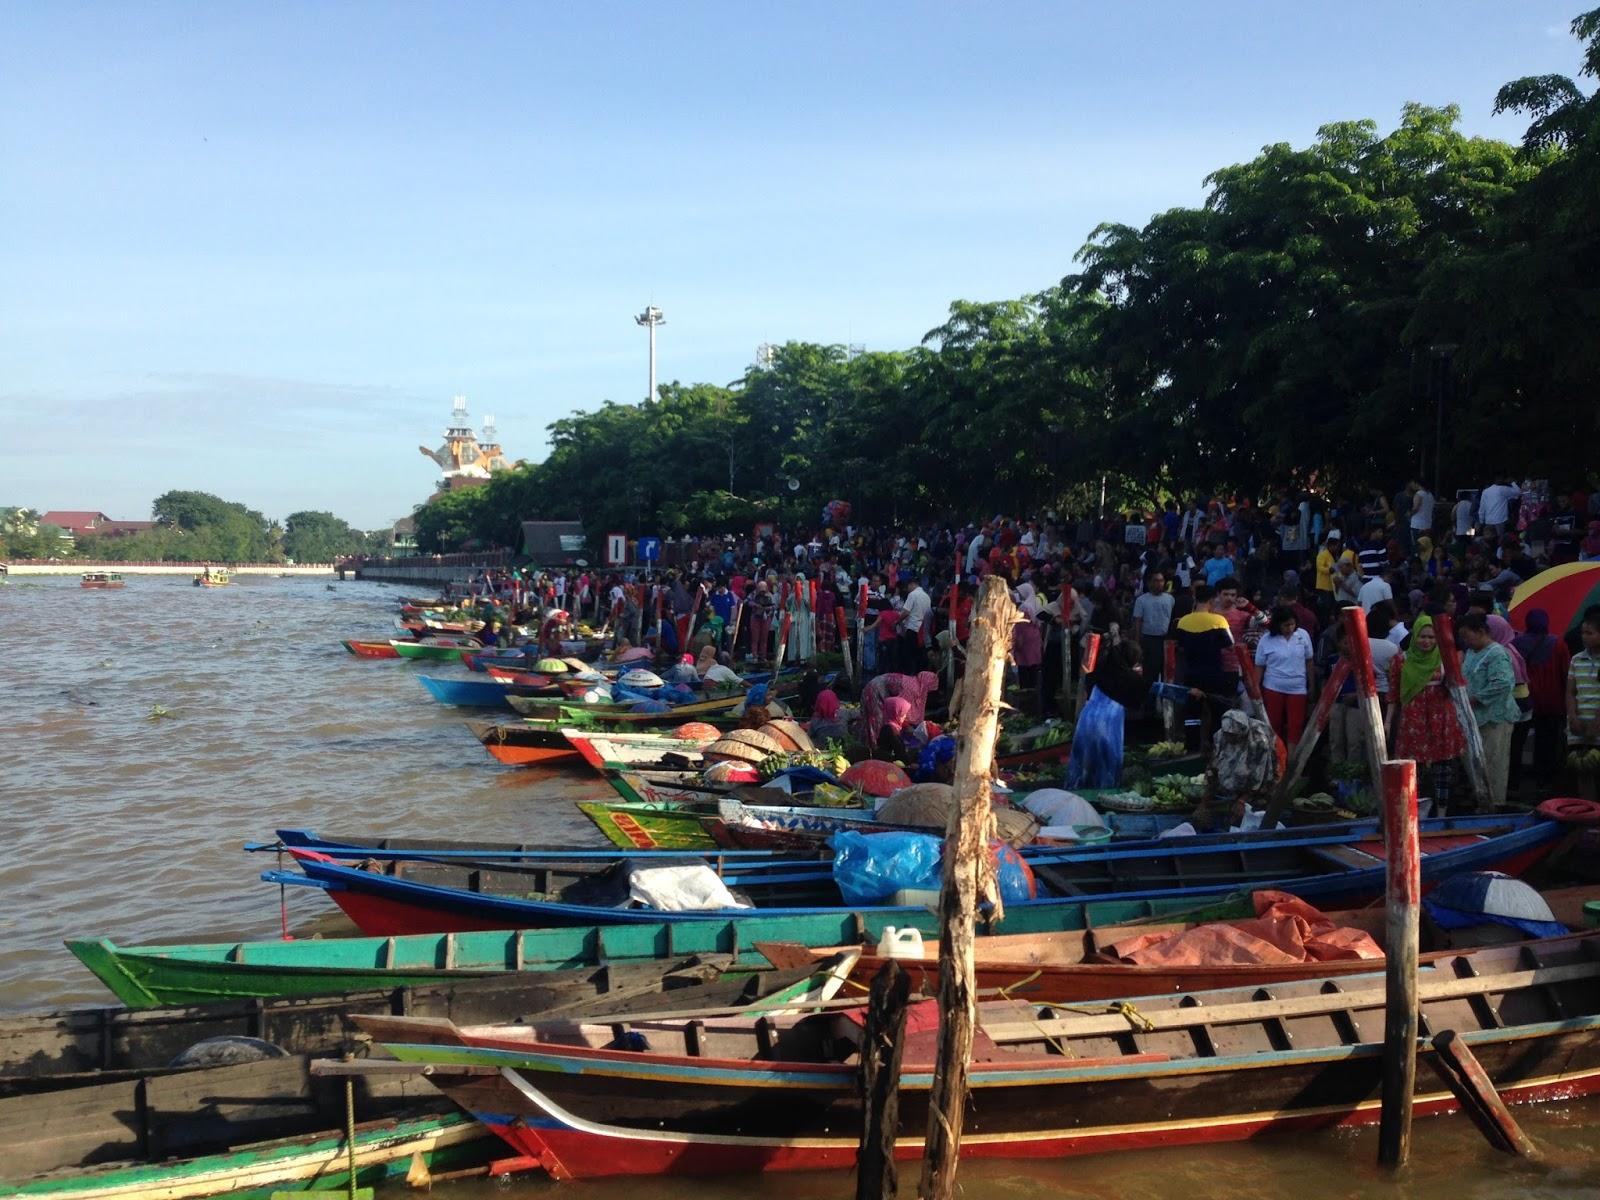 Turfa Keunikan Pasar Terapung Siring Piere Tendean Deretan Pedagang Kab